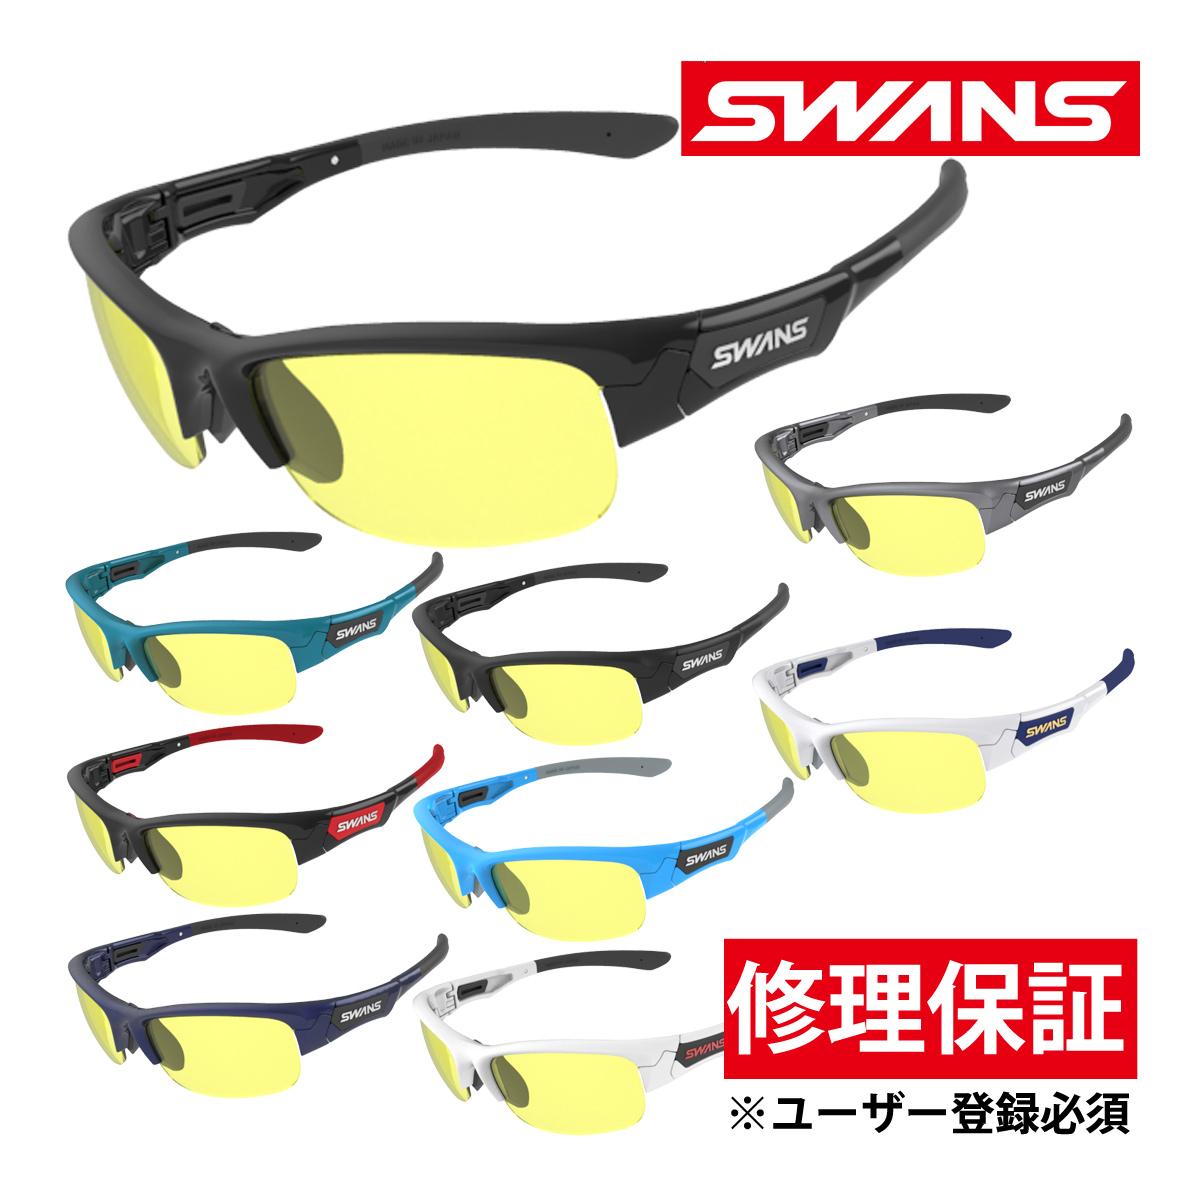 【お買い物マラソン クーポン配布中】サングラス 両面クラリテックスコートレンズ スポーツ メンズ レディース SPRINGBOK フレーム+L-SPB-0411 Y 撥水加工 おすすめ 人気 SWANS スワンズ